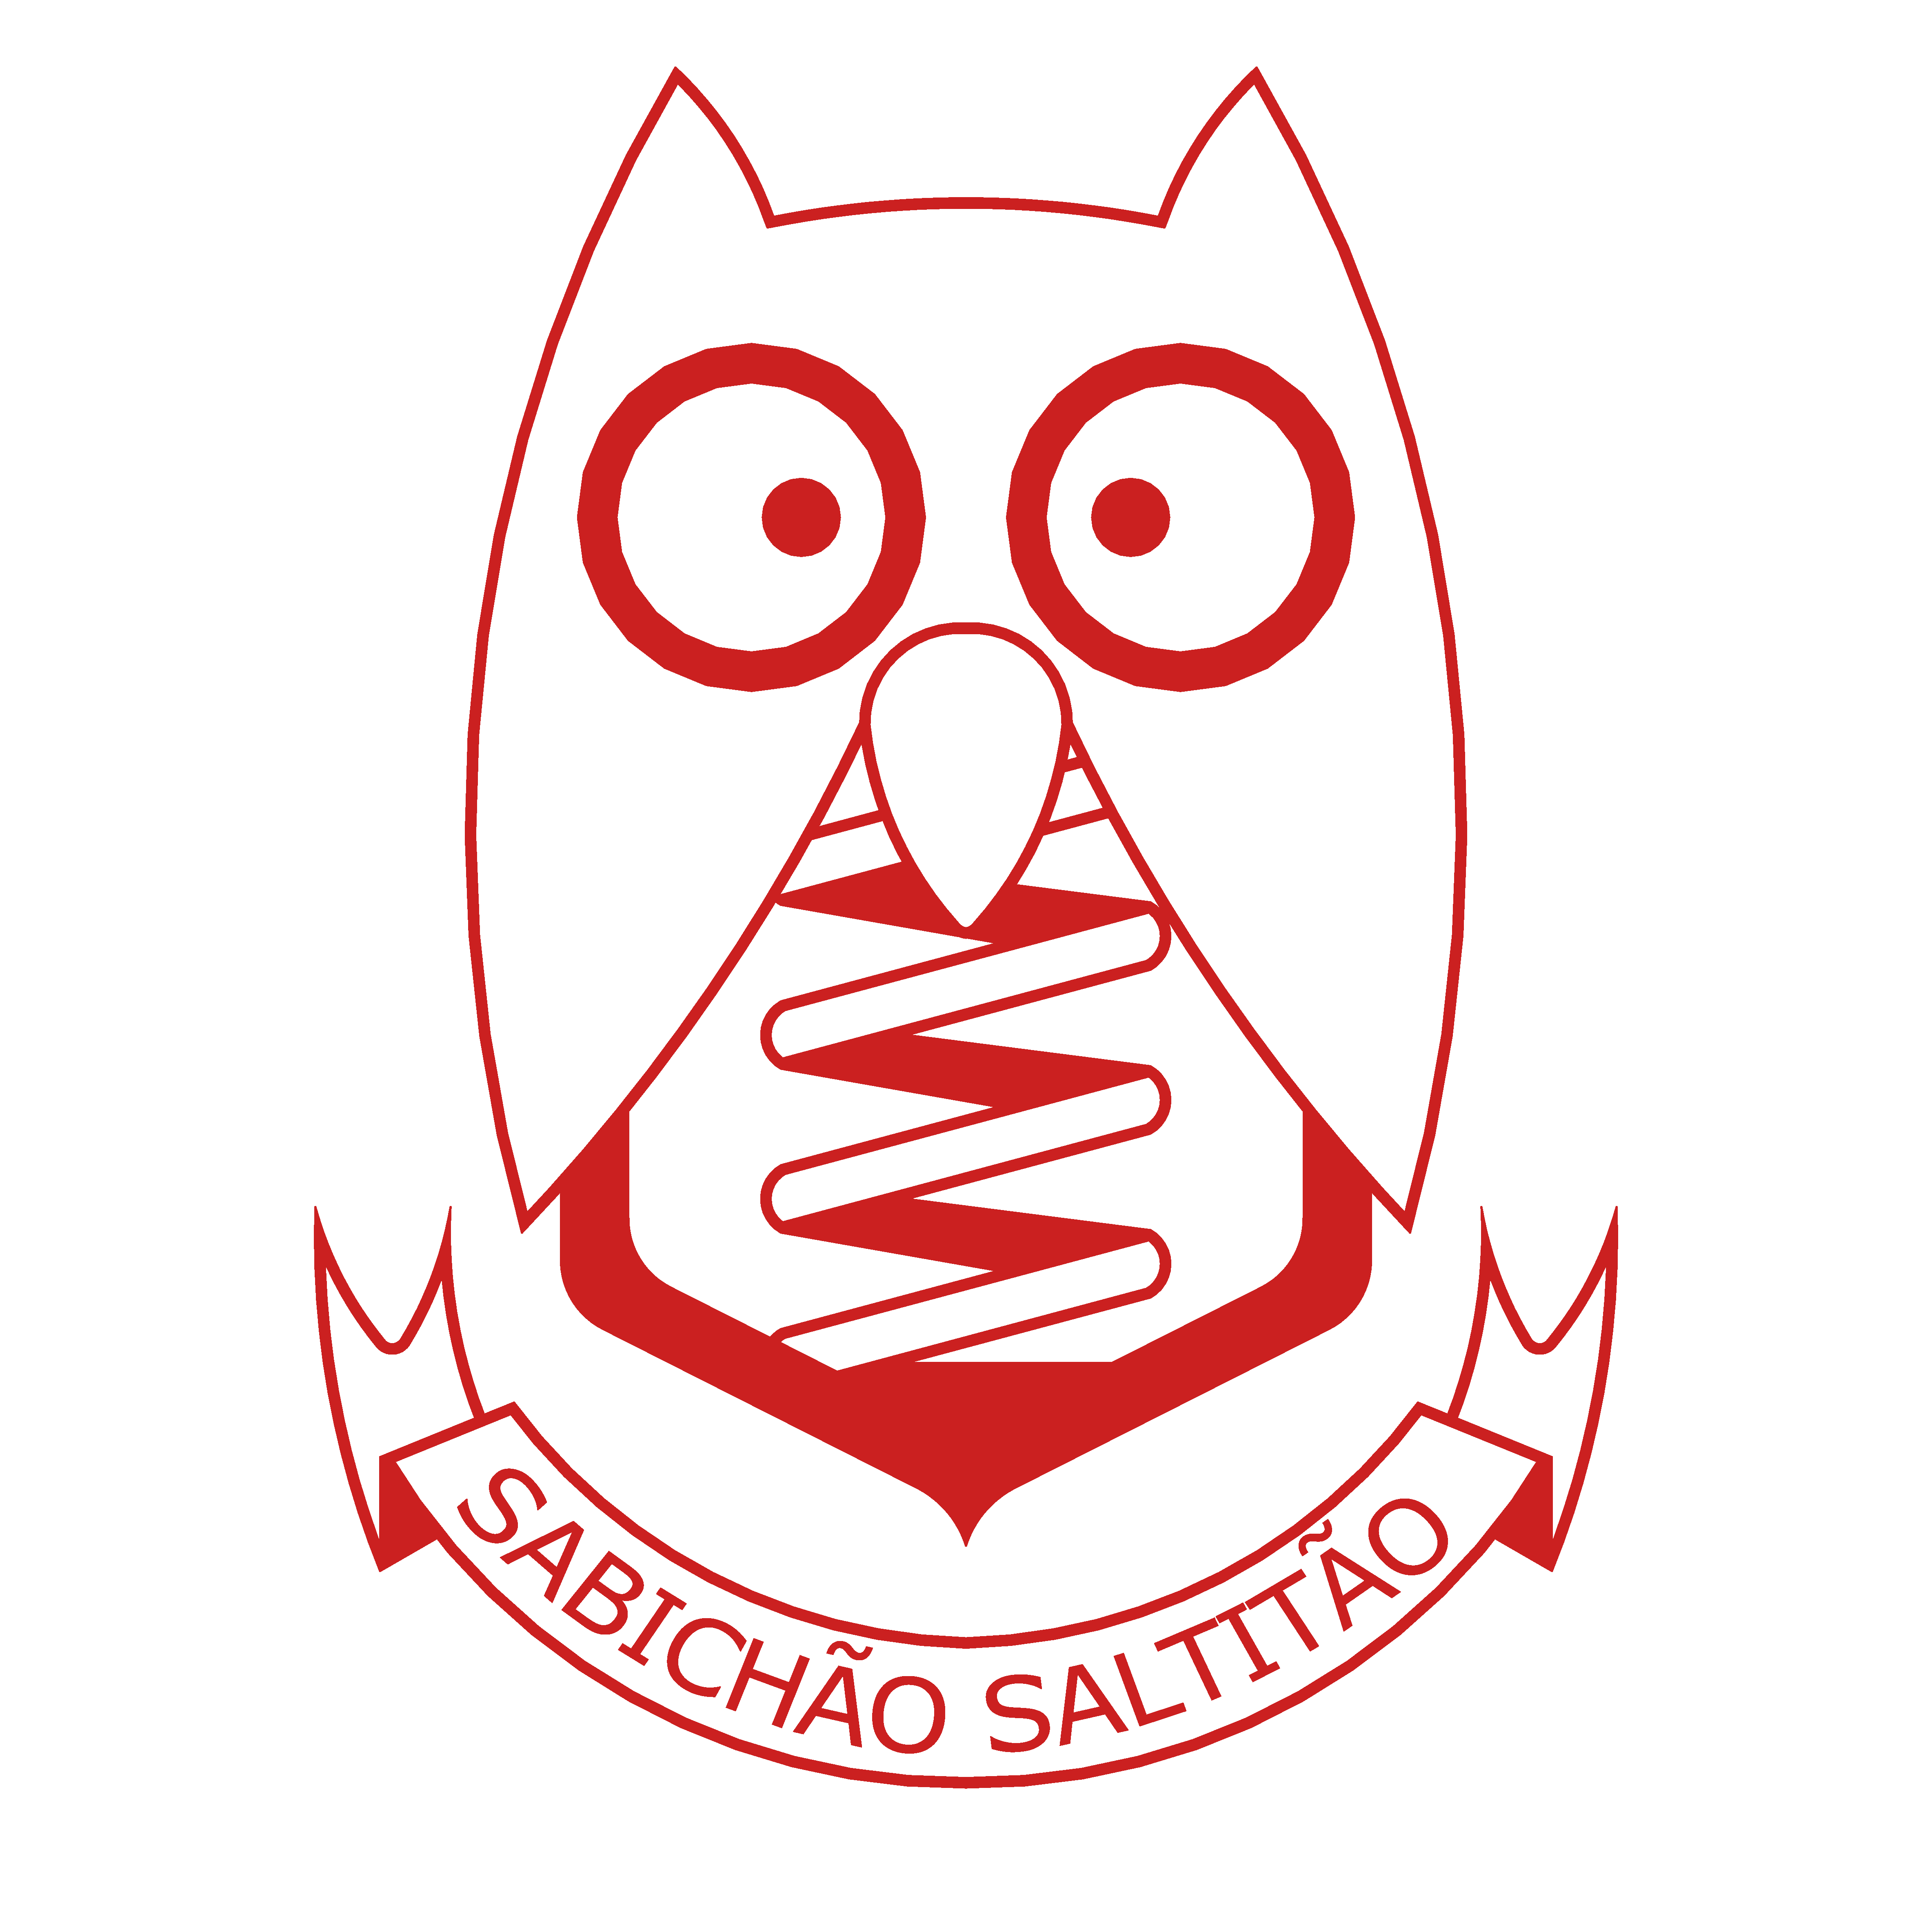 Sabichão Saltitão